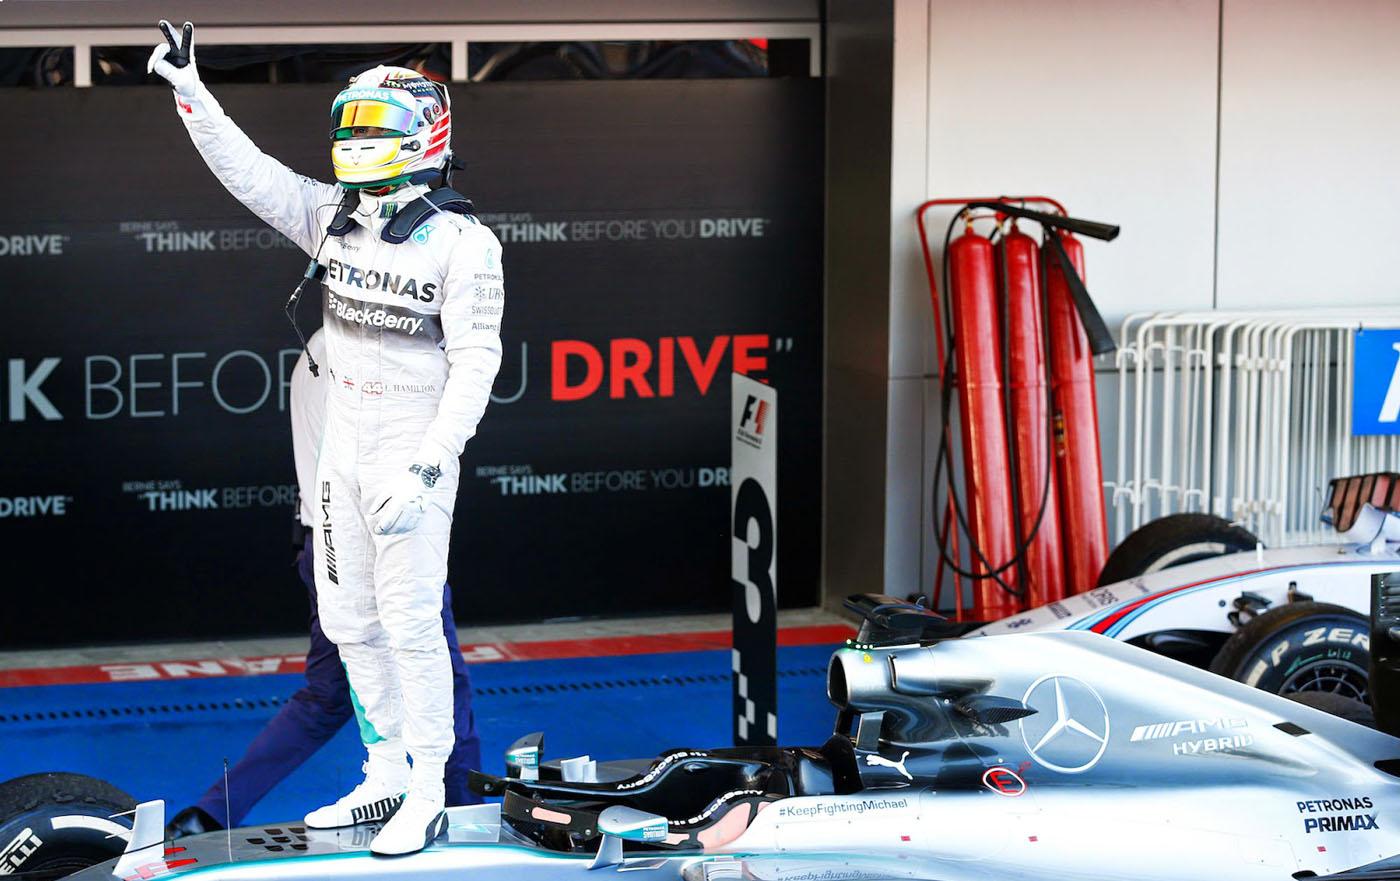 Eerste Grand Prix Rusland gewonnen door Hamilton